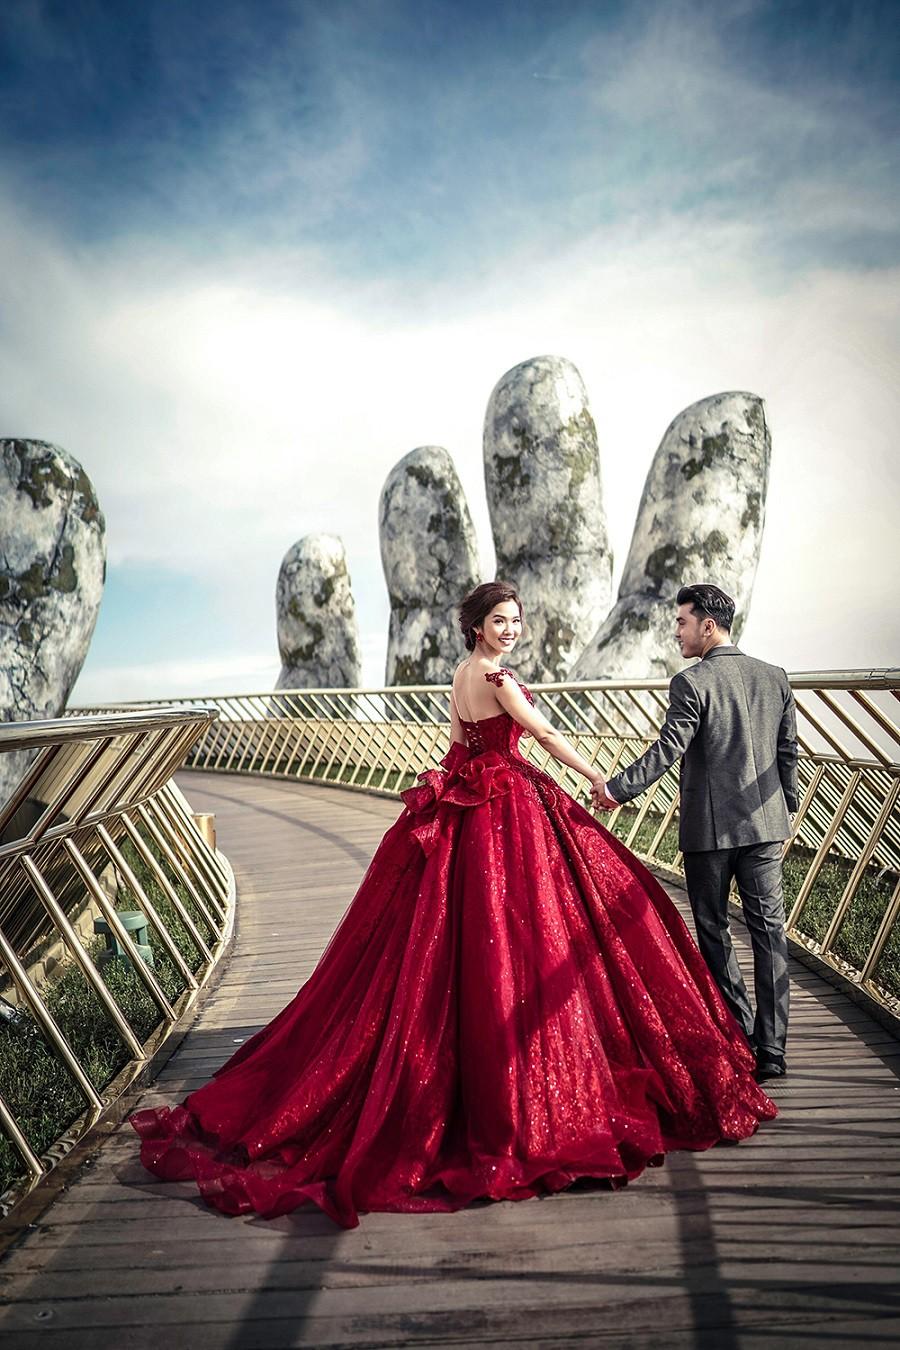 Ưng Hoàng Phúc khoá môi bà xã Kim Cương ngọt ngào trong bộ ảnh cưới, đã ấn định ngày cử hành hôn lễ - Ảnh 12.